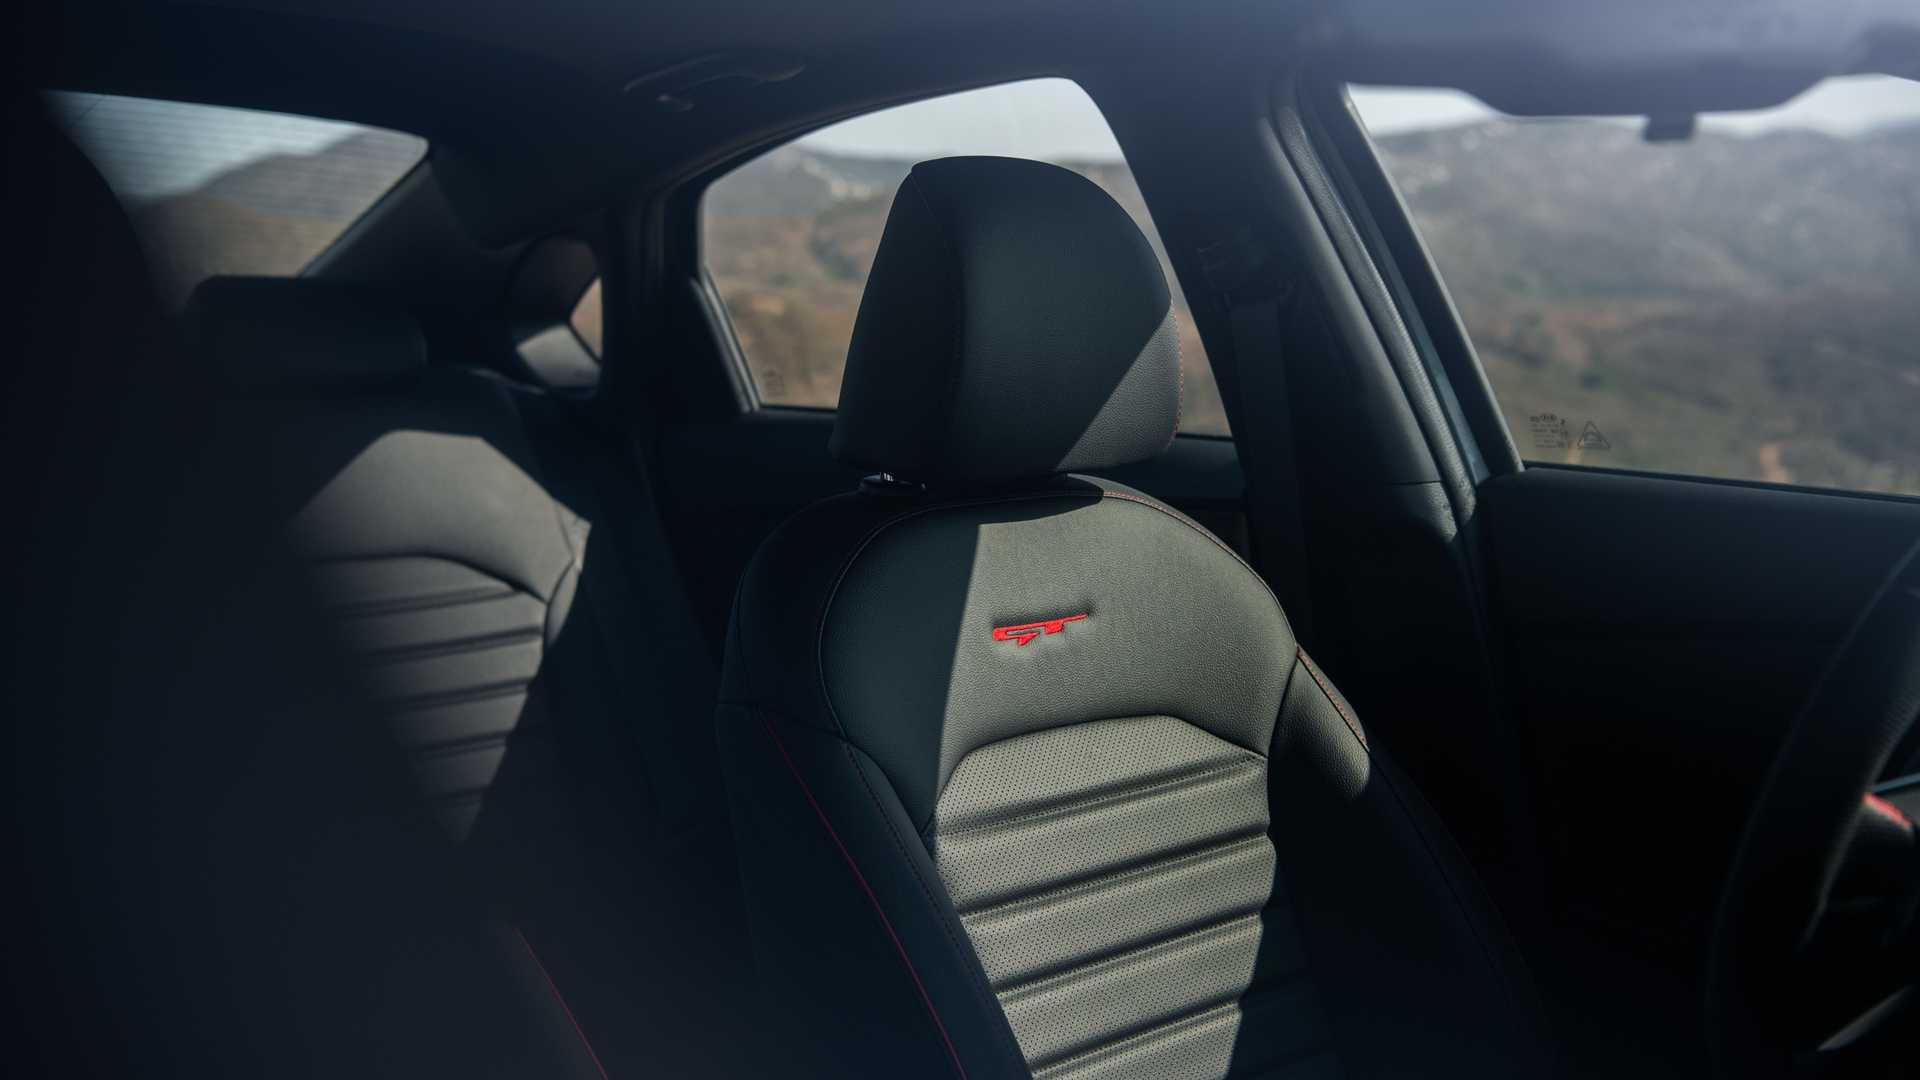 كيا تكشف عن سيارة فورتي 2022 بمظهر جديد وشاشات أكبر